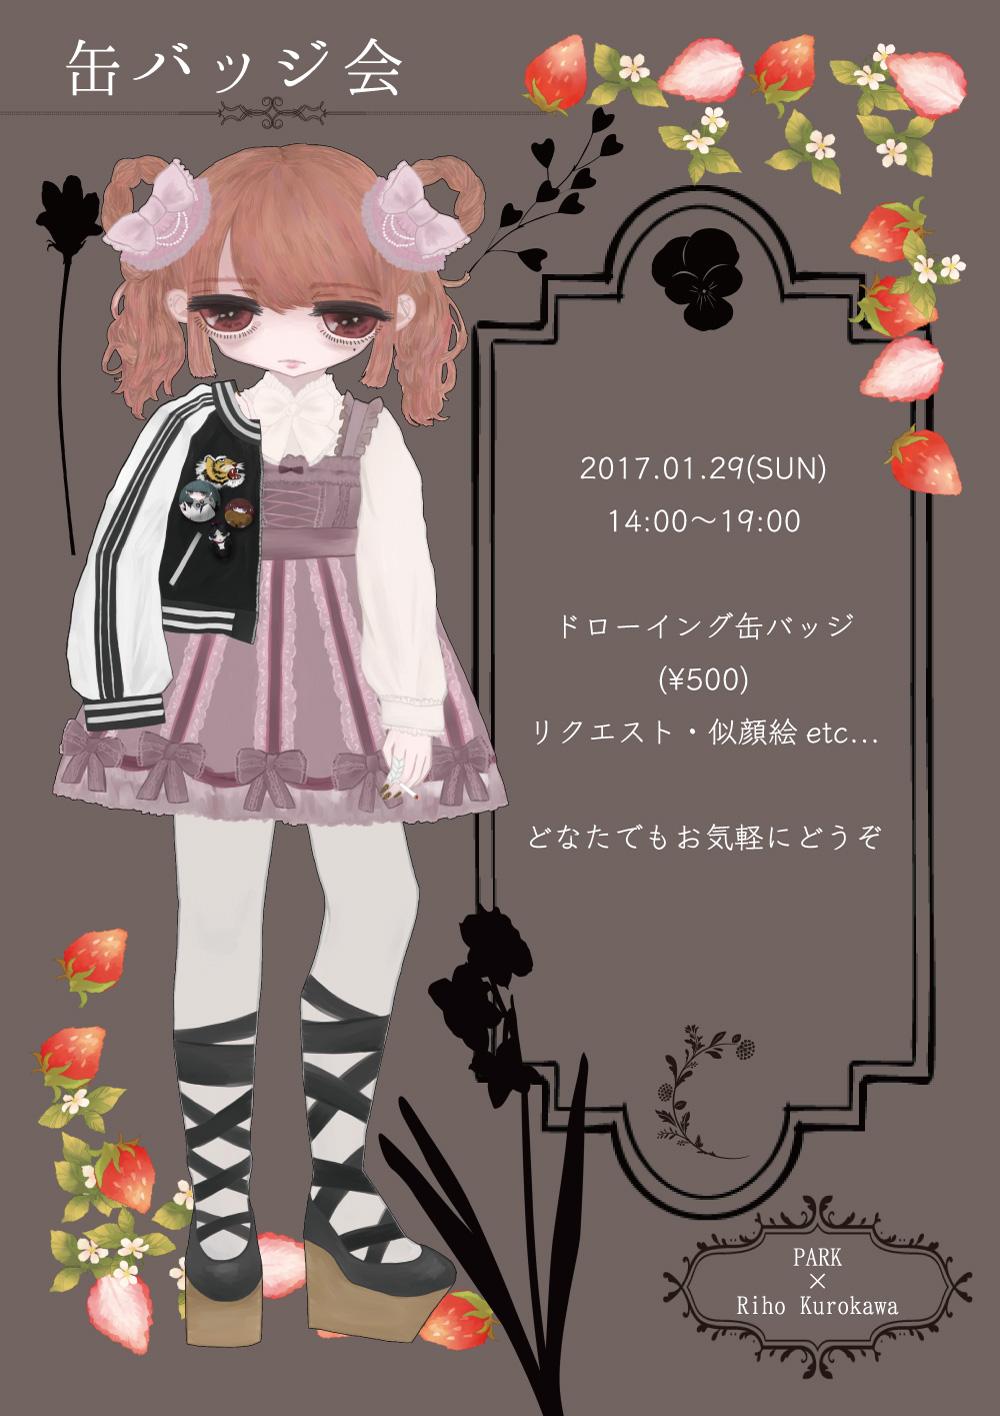 Riho Kurokawa ドローイング缶バッジ会vol.2